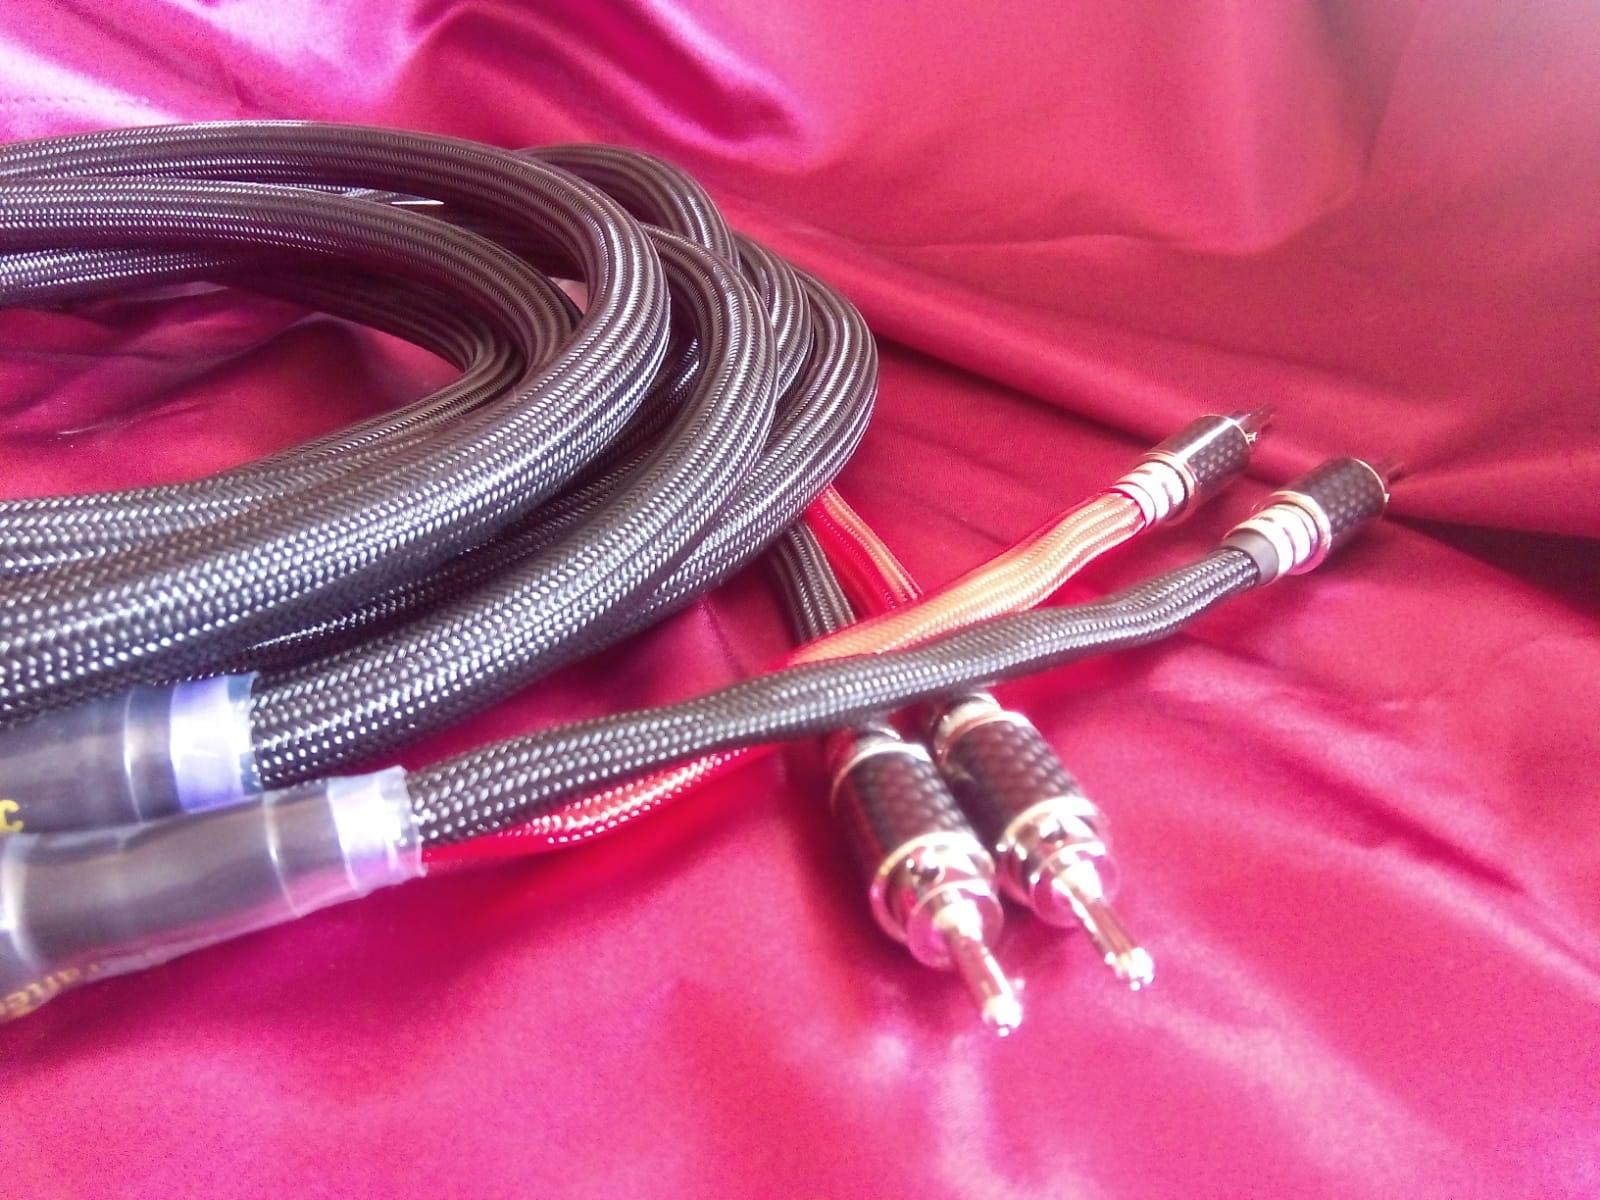 ¡Wow!! Prueba de cables Wires4Music serie Horus - Página 5 50944910